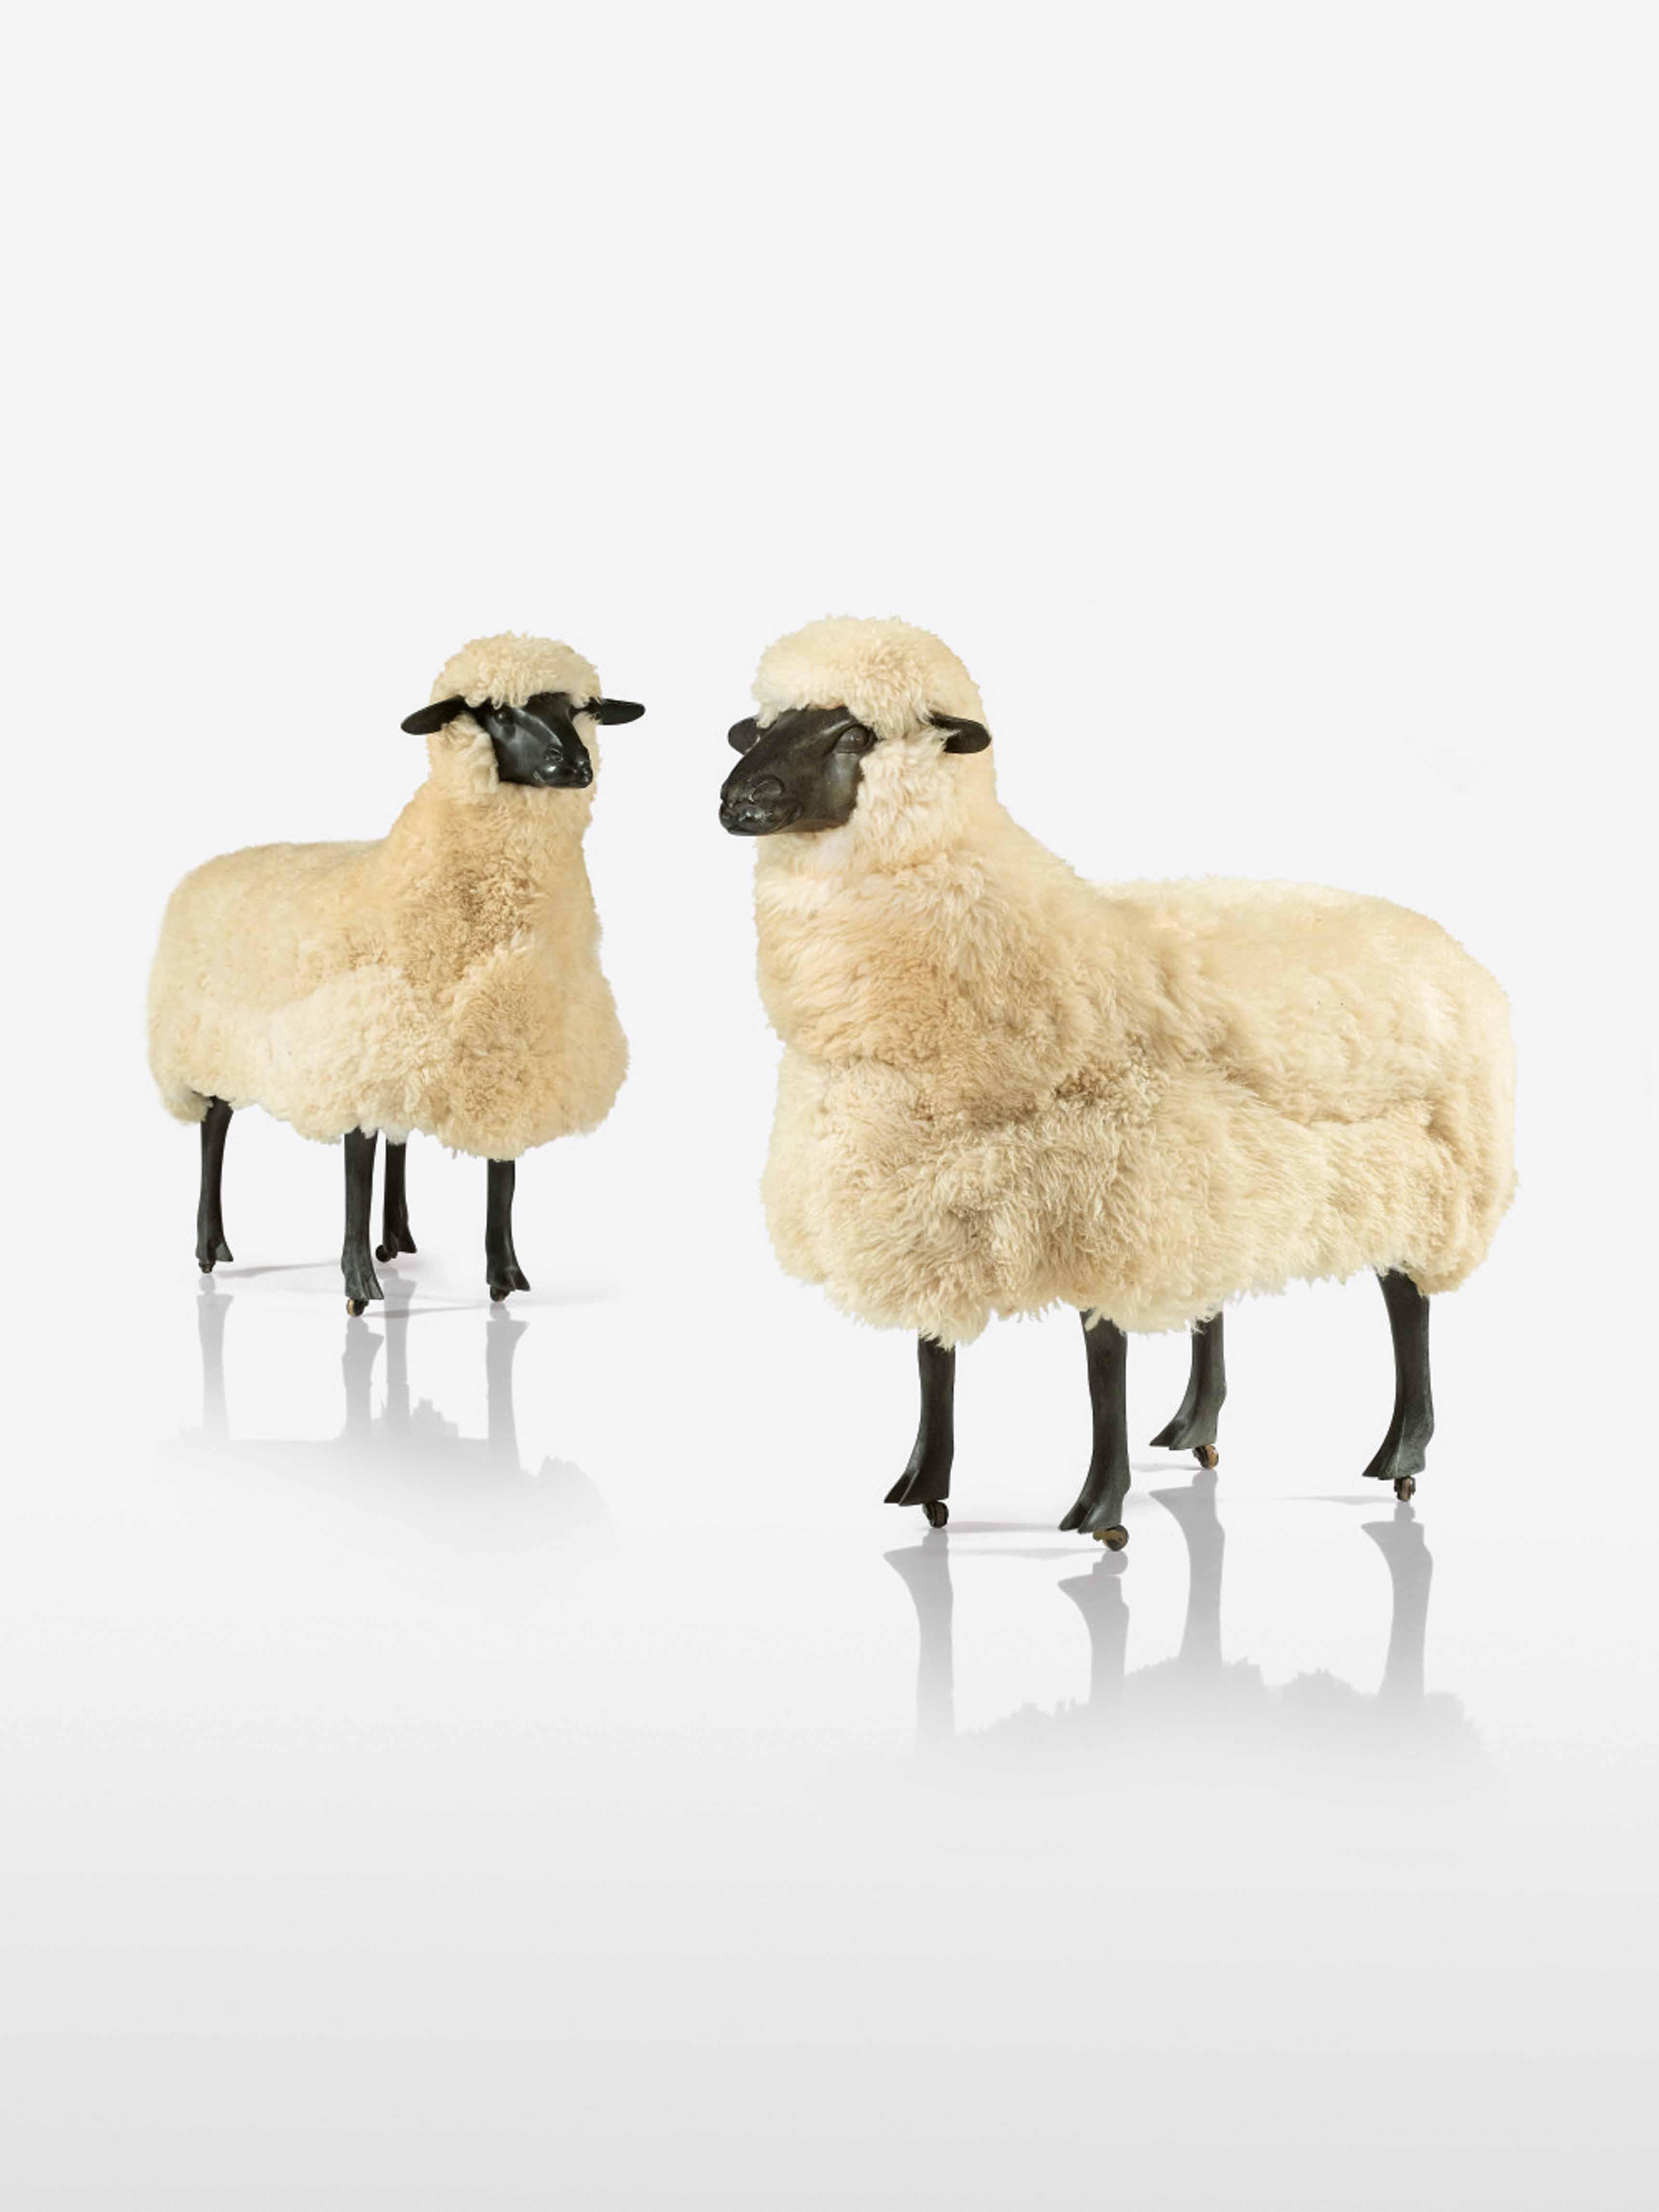 FRANCOIS-XAVIER LALANNE Deux moutons de laine, 1969 Estimate: 500,000 - 700,000 - EUR